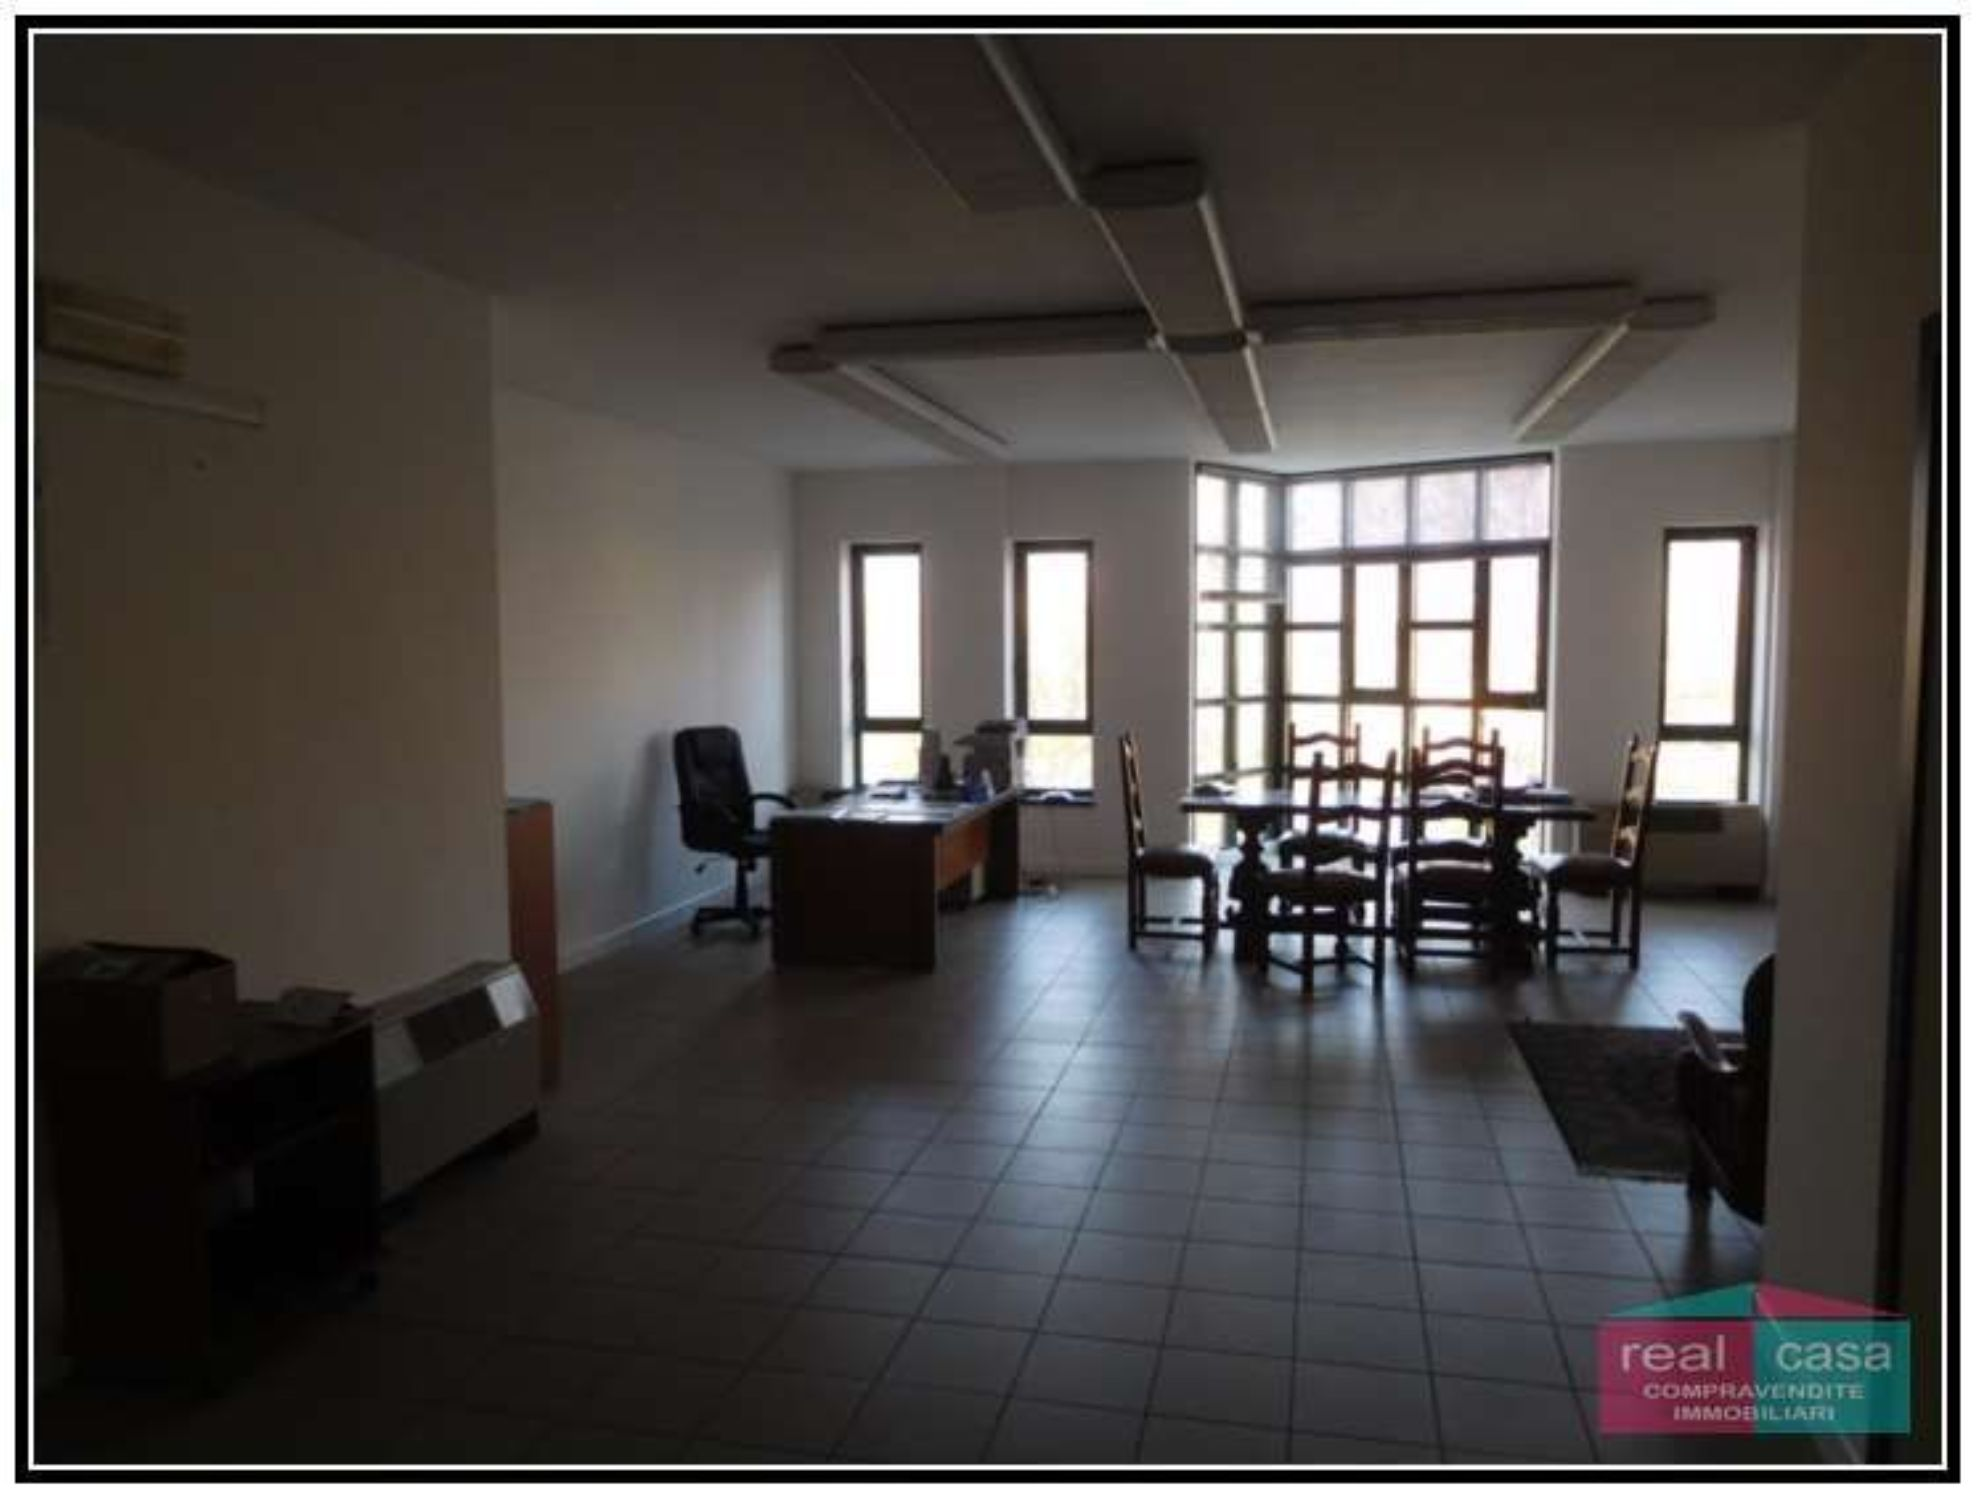 Ufficio Casa Modena : Affitto di ufficio in viale italia s n c san faustino modena